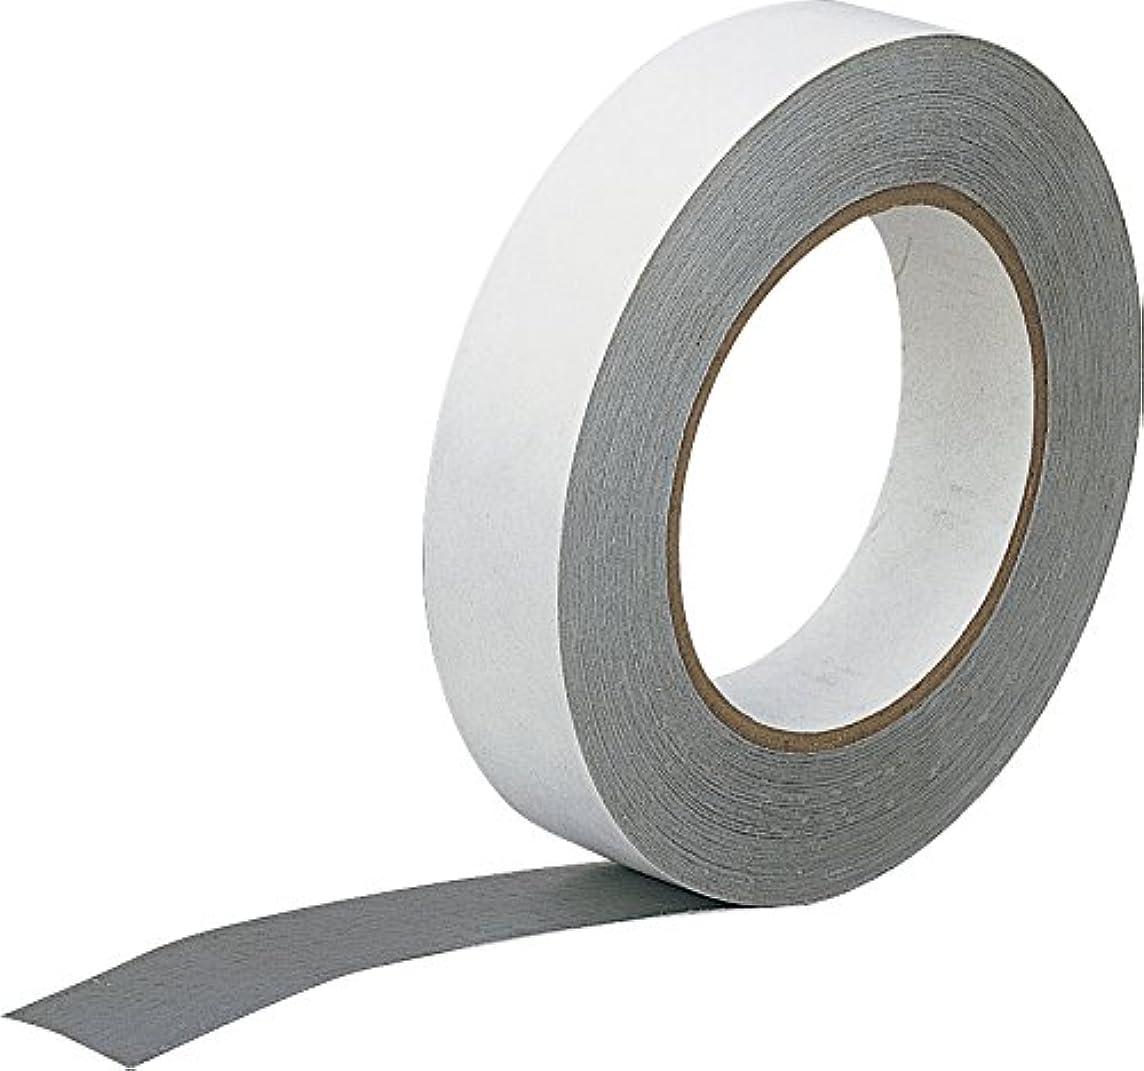 アルミニウム早く店員ライト(LITE) ゴルフチューンナップ用品 バランスダウンテープ 業務用  G332   サイズ : 0.12厚×25.4mm幅×33m・重量 : 約42.7mmで1g